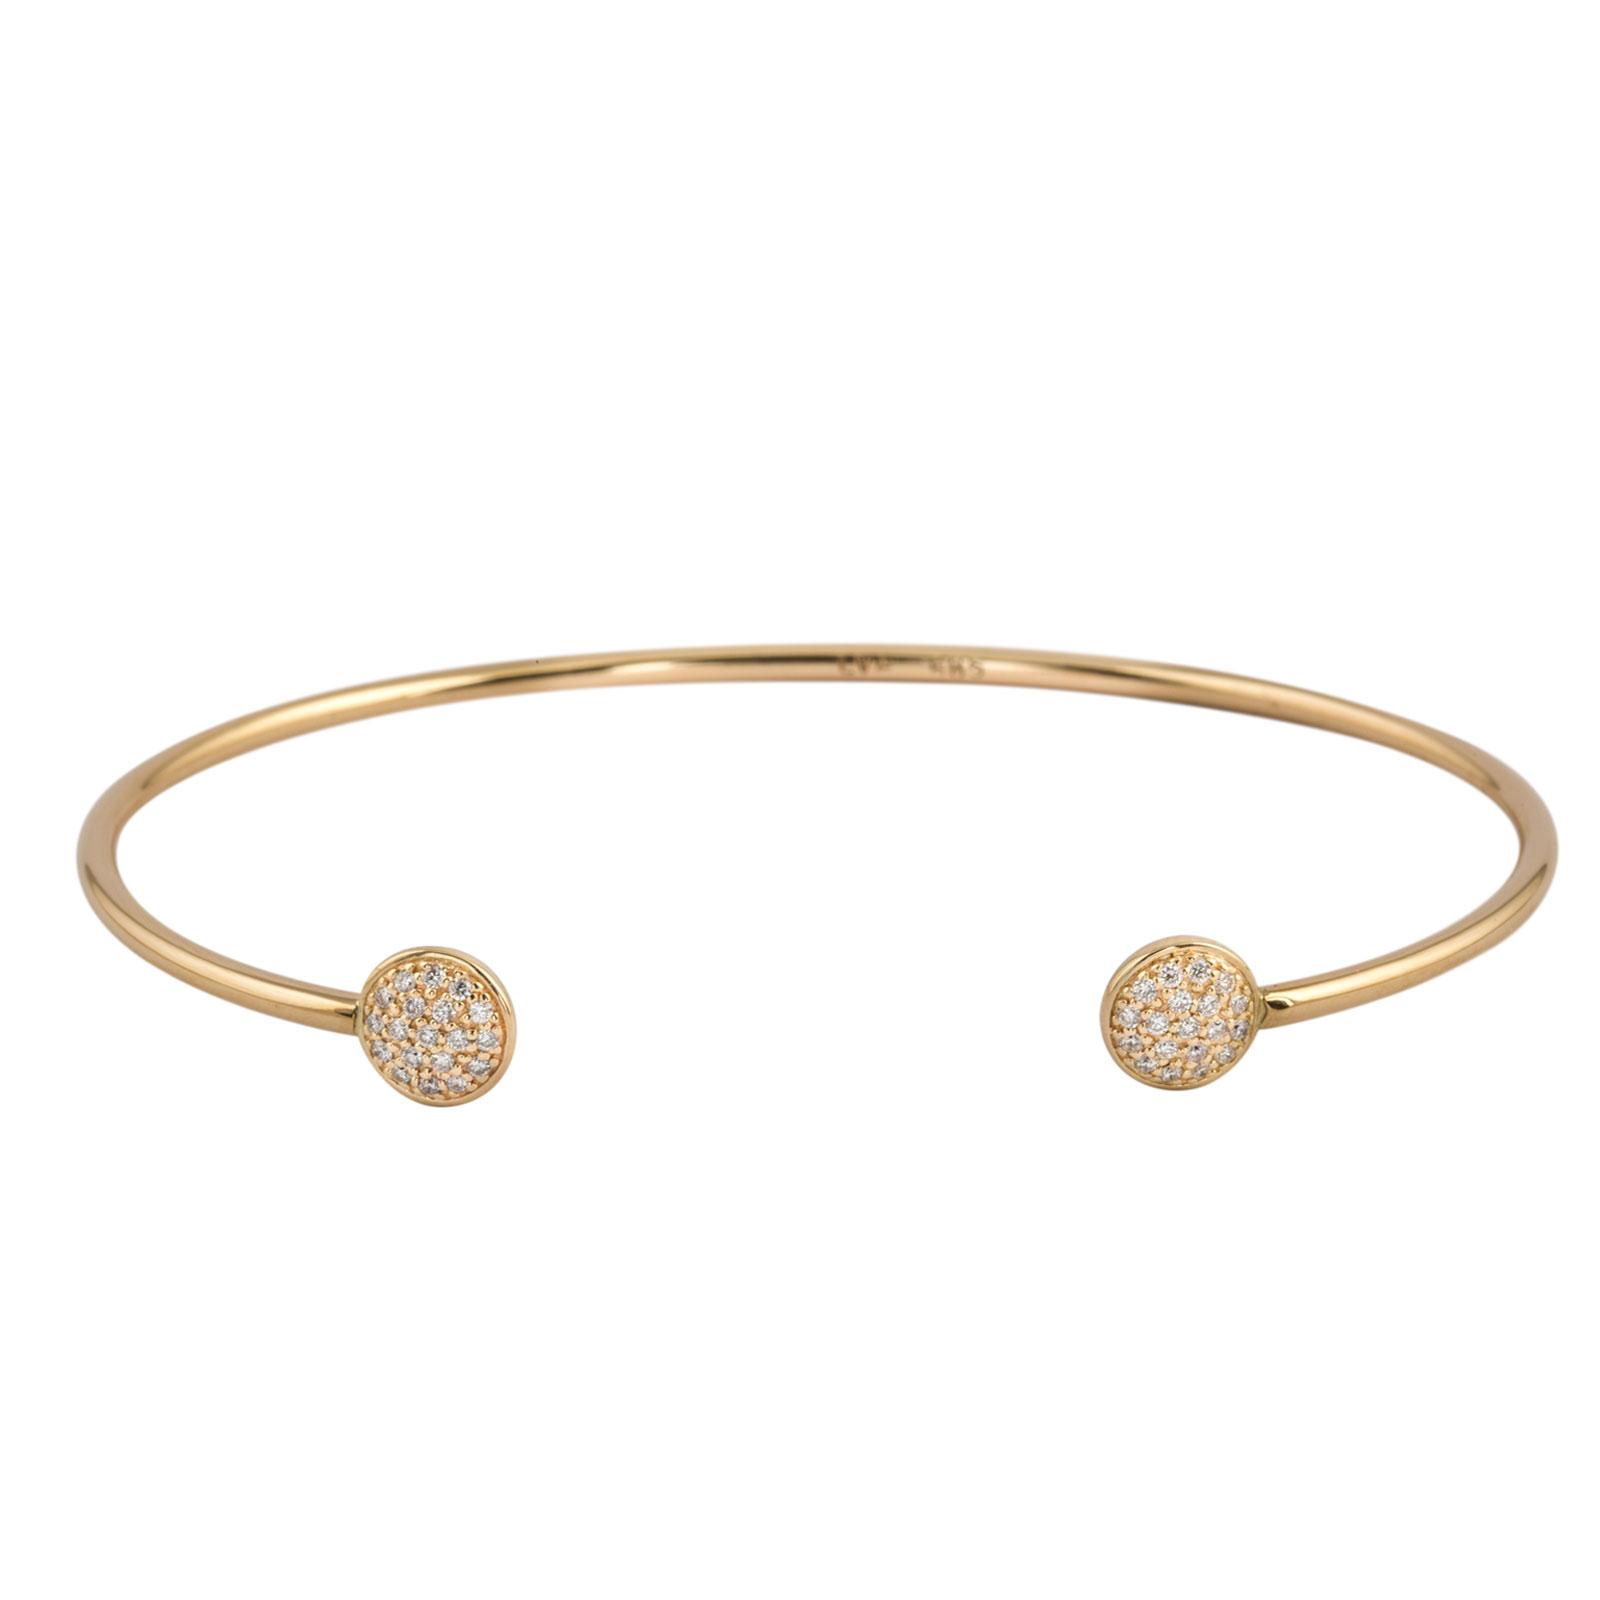 Lene Visholm packshots - guld-armbånd